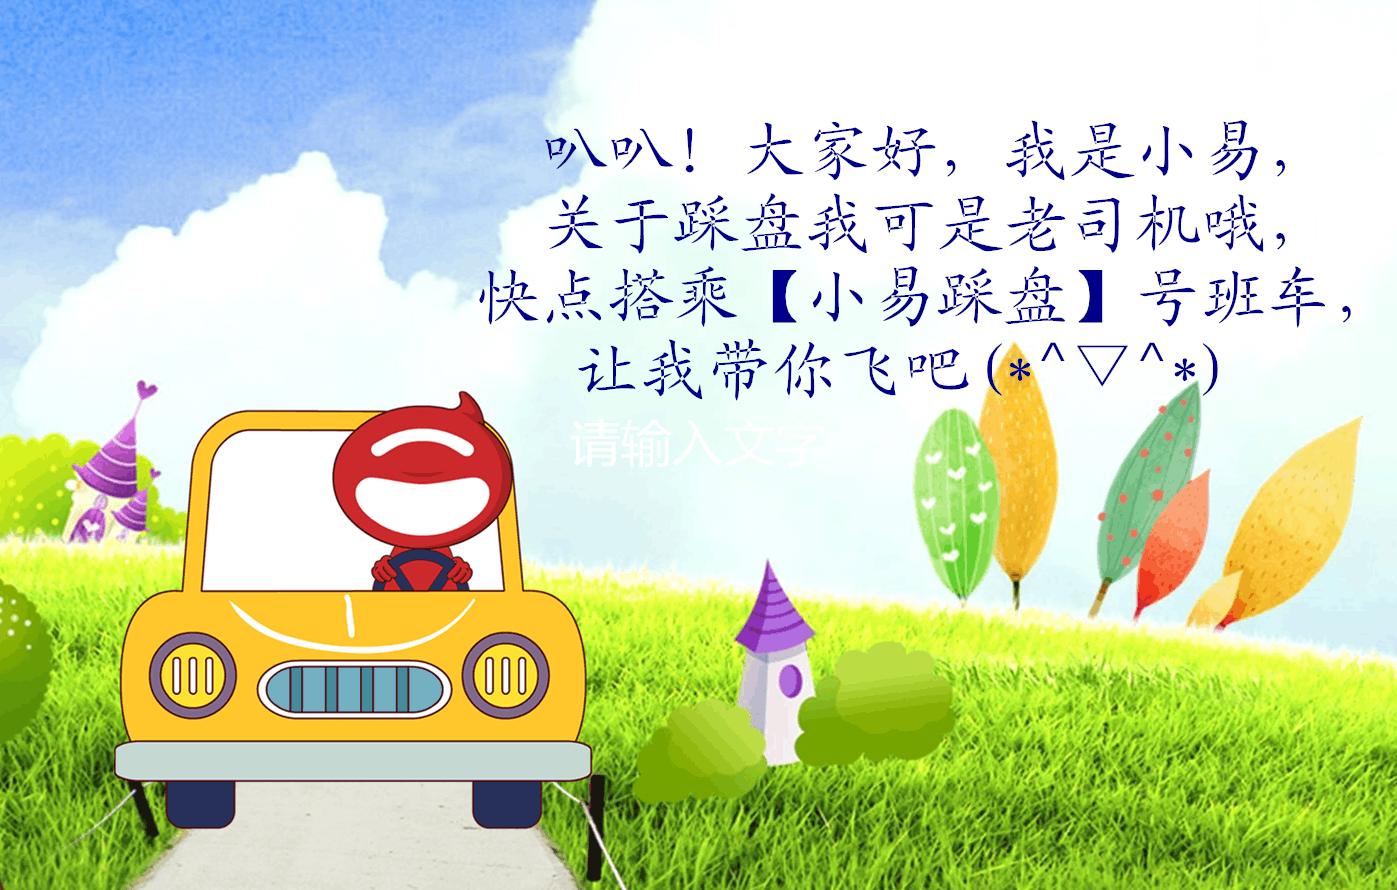 【小编踩盘】第三期:梅县富力城